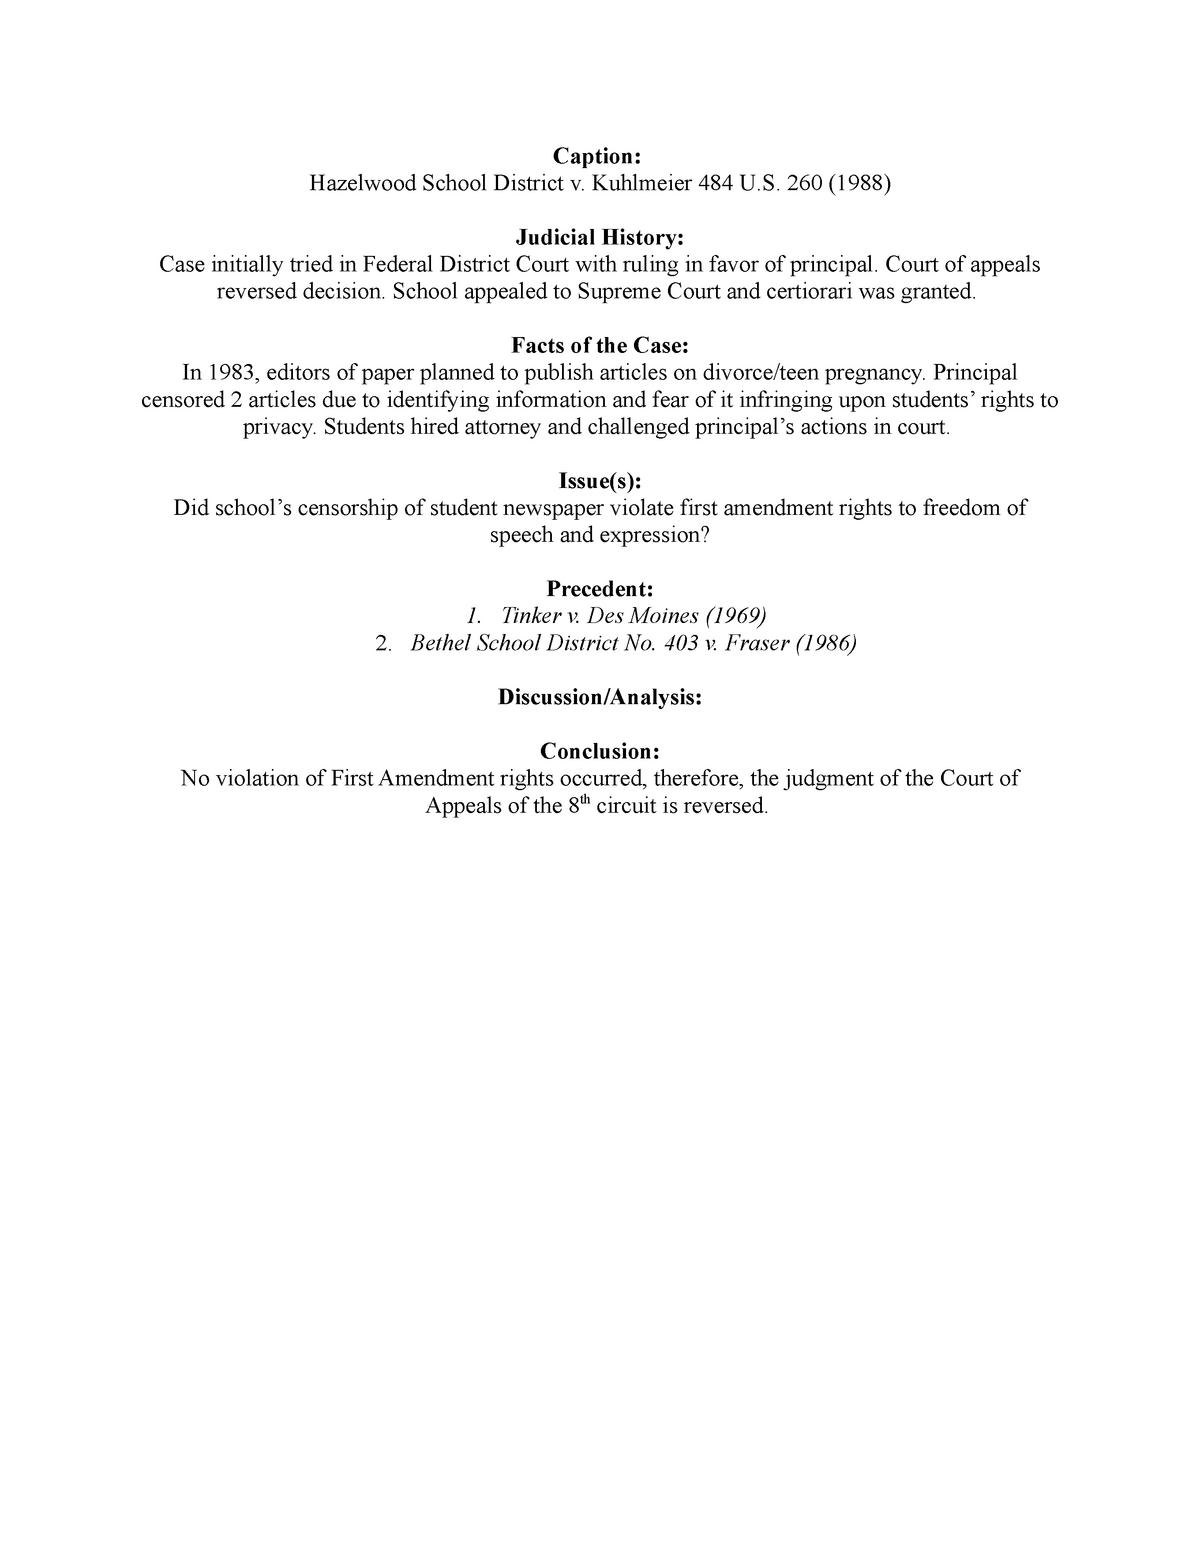 Hazelwood School District v  Kuhlmeier - PSC 308: Civil